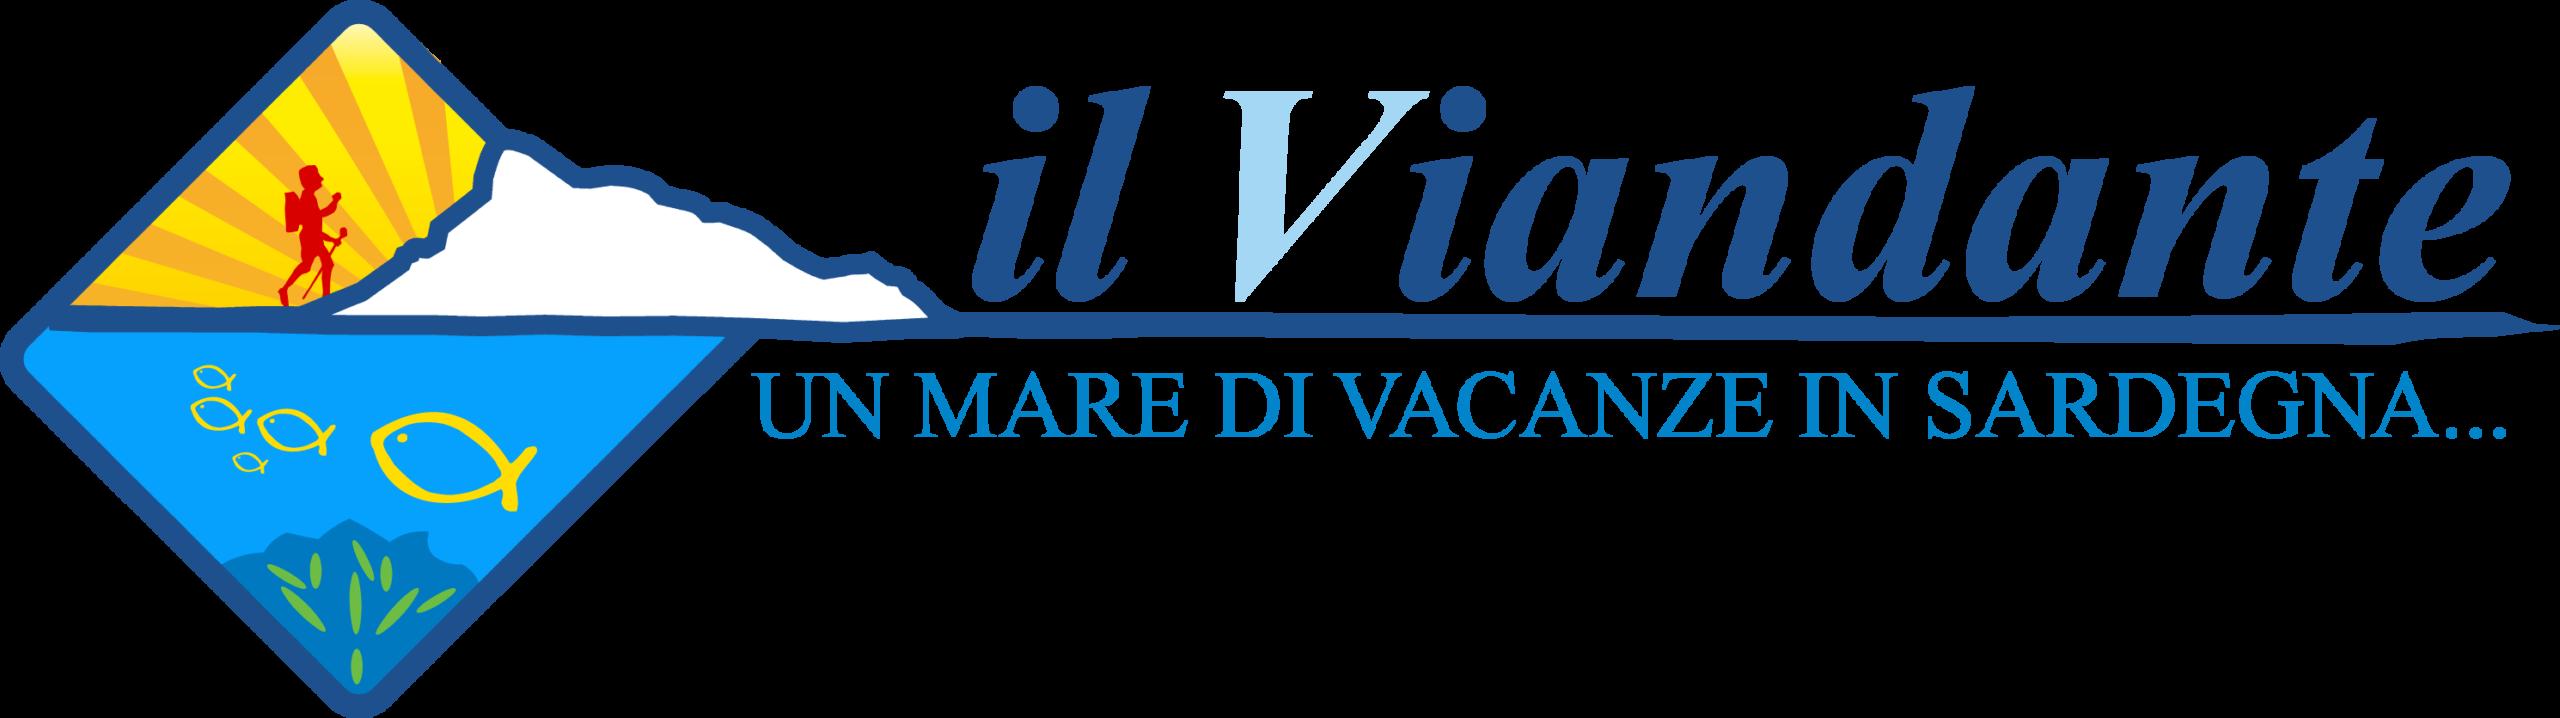 Hotel Il Viandante in San Teodoro: B&B in Sardinia